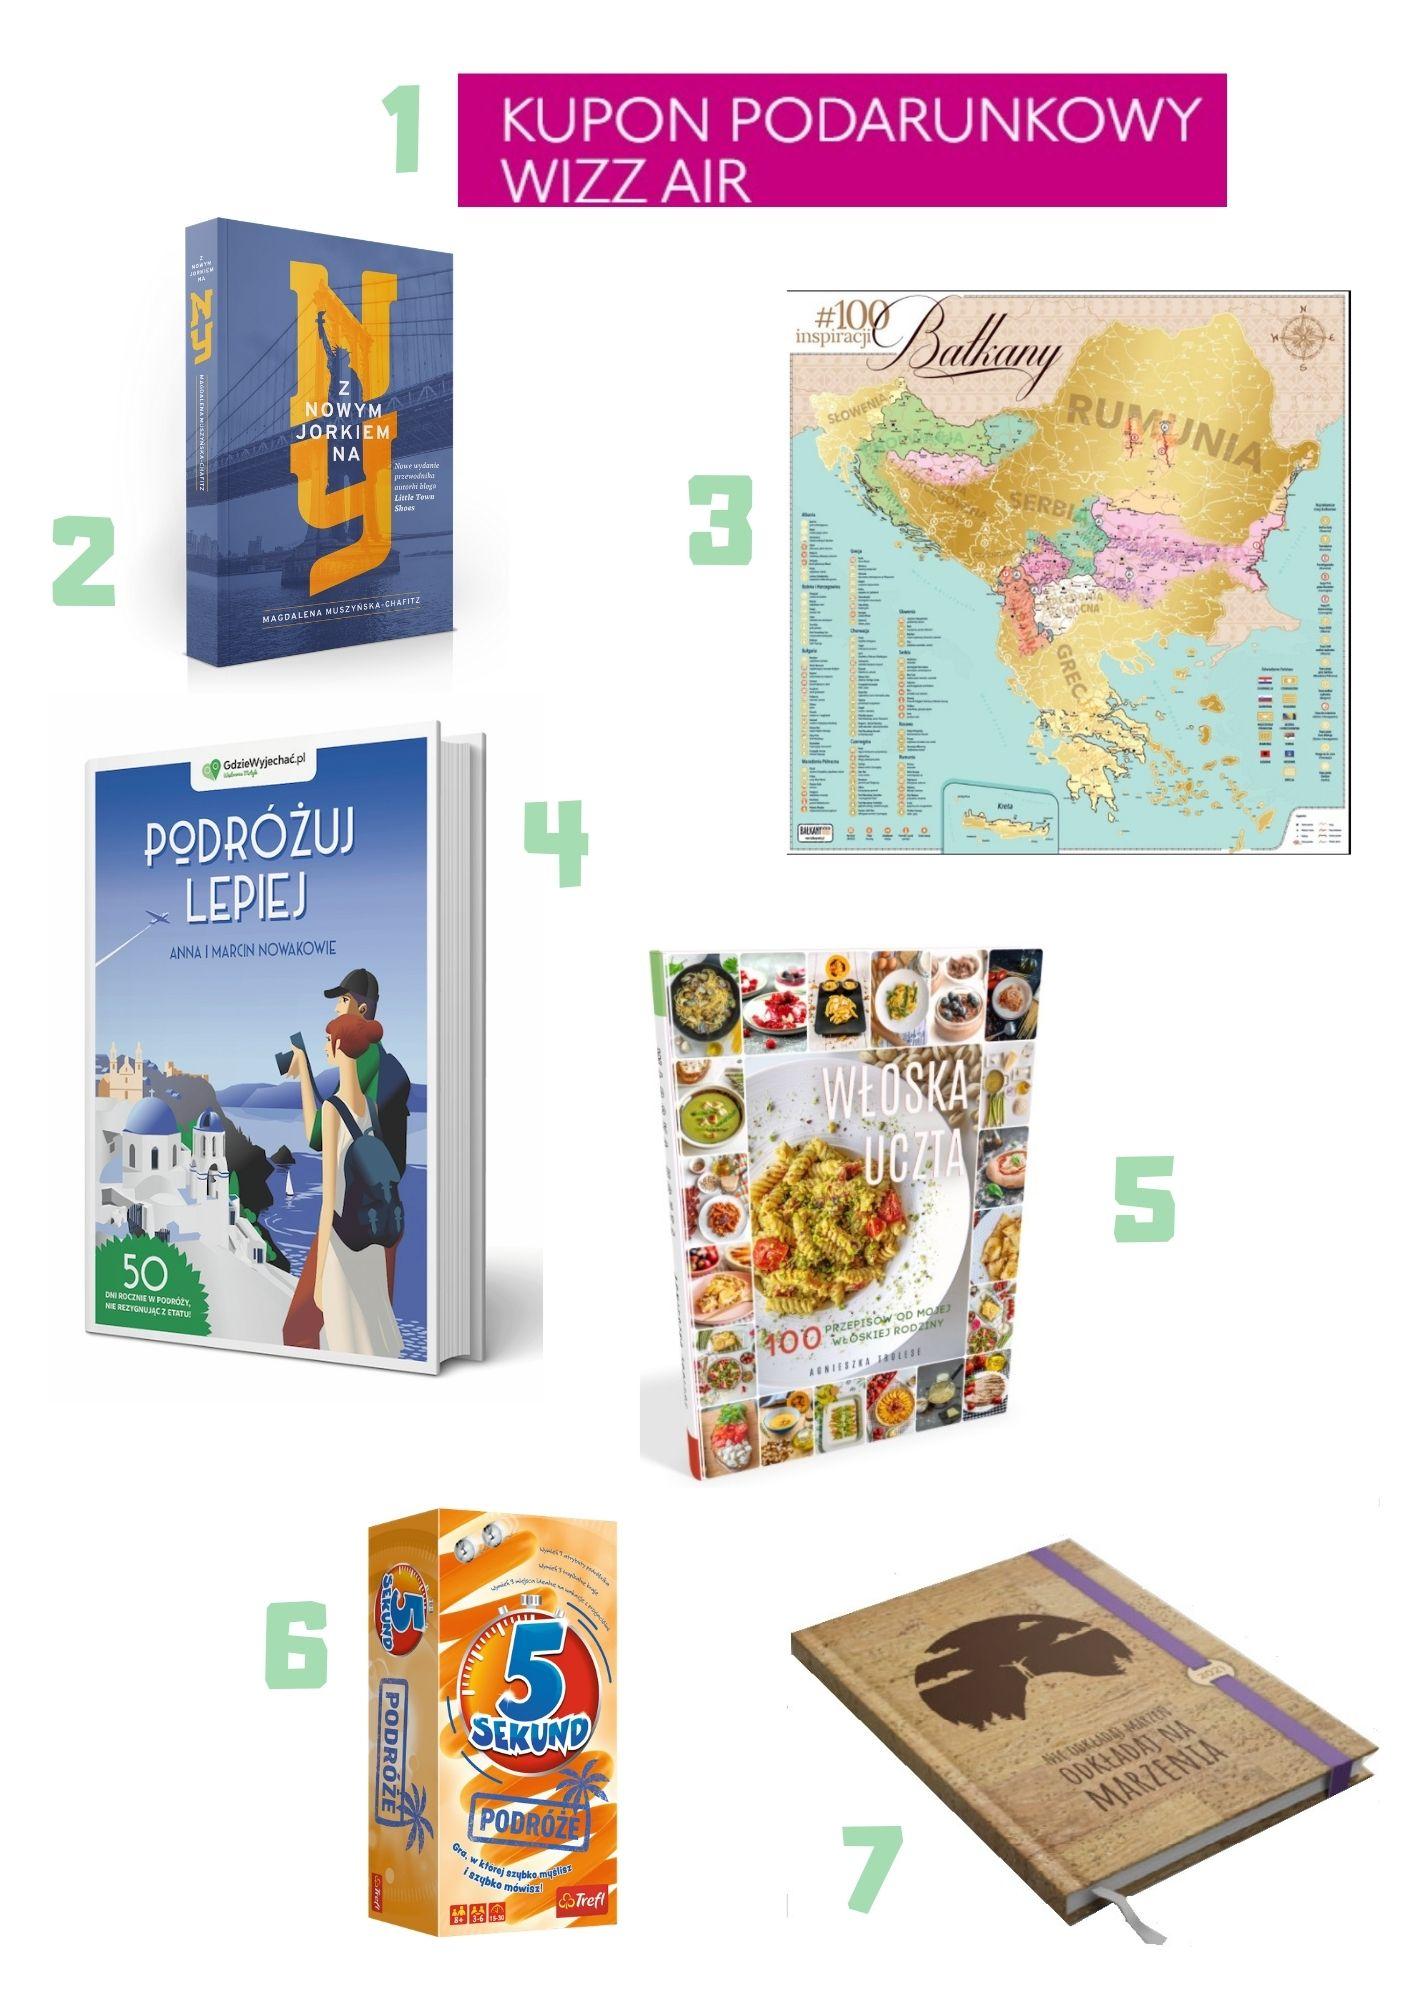 prezenty, podróże, prezenty dla podróżnika